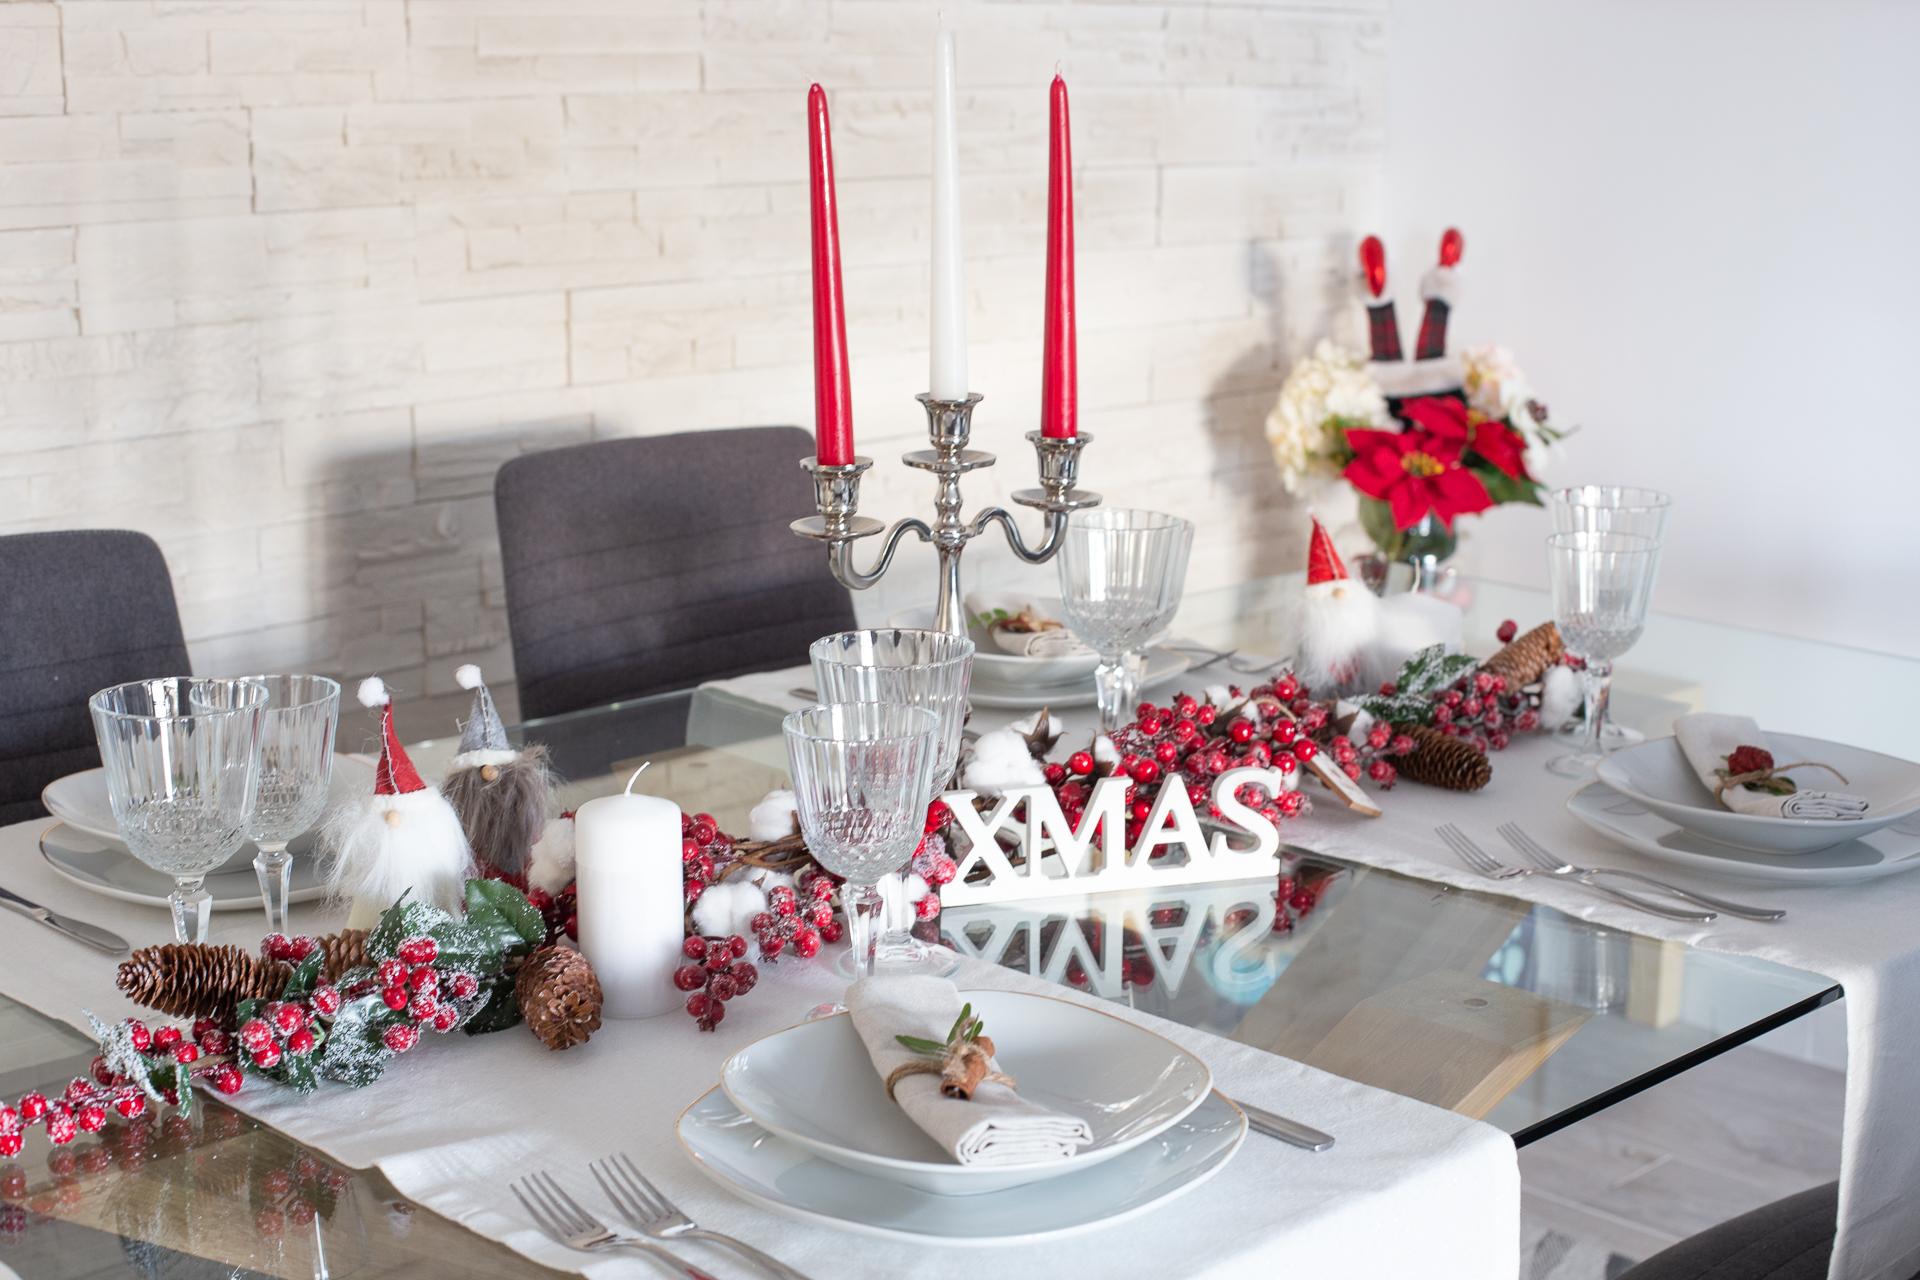 Come apparecchiare la tavola di Natale foto 2018 | Mamma Gy